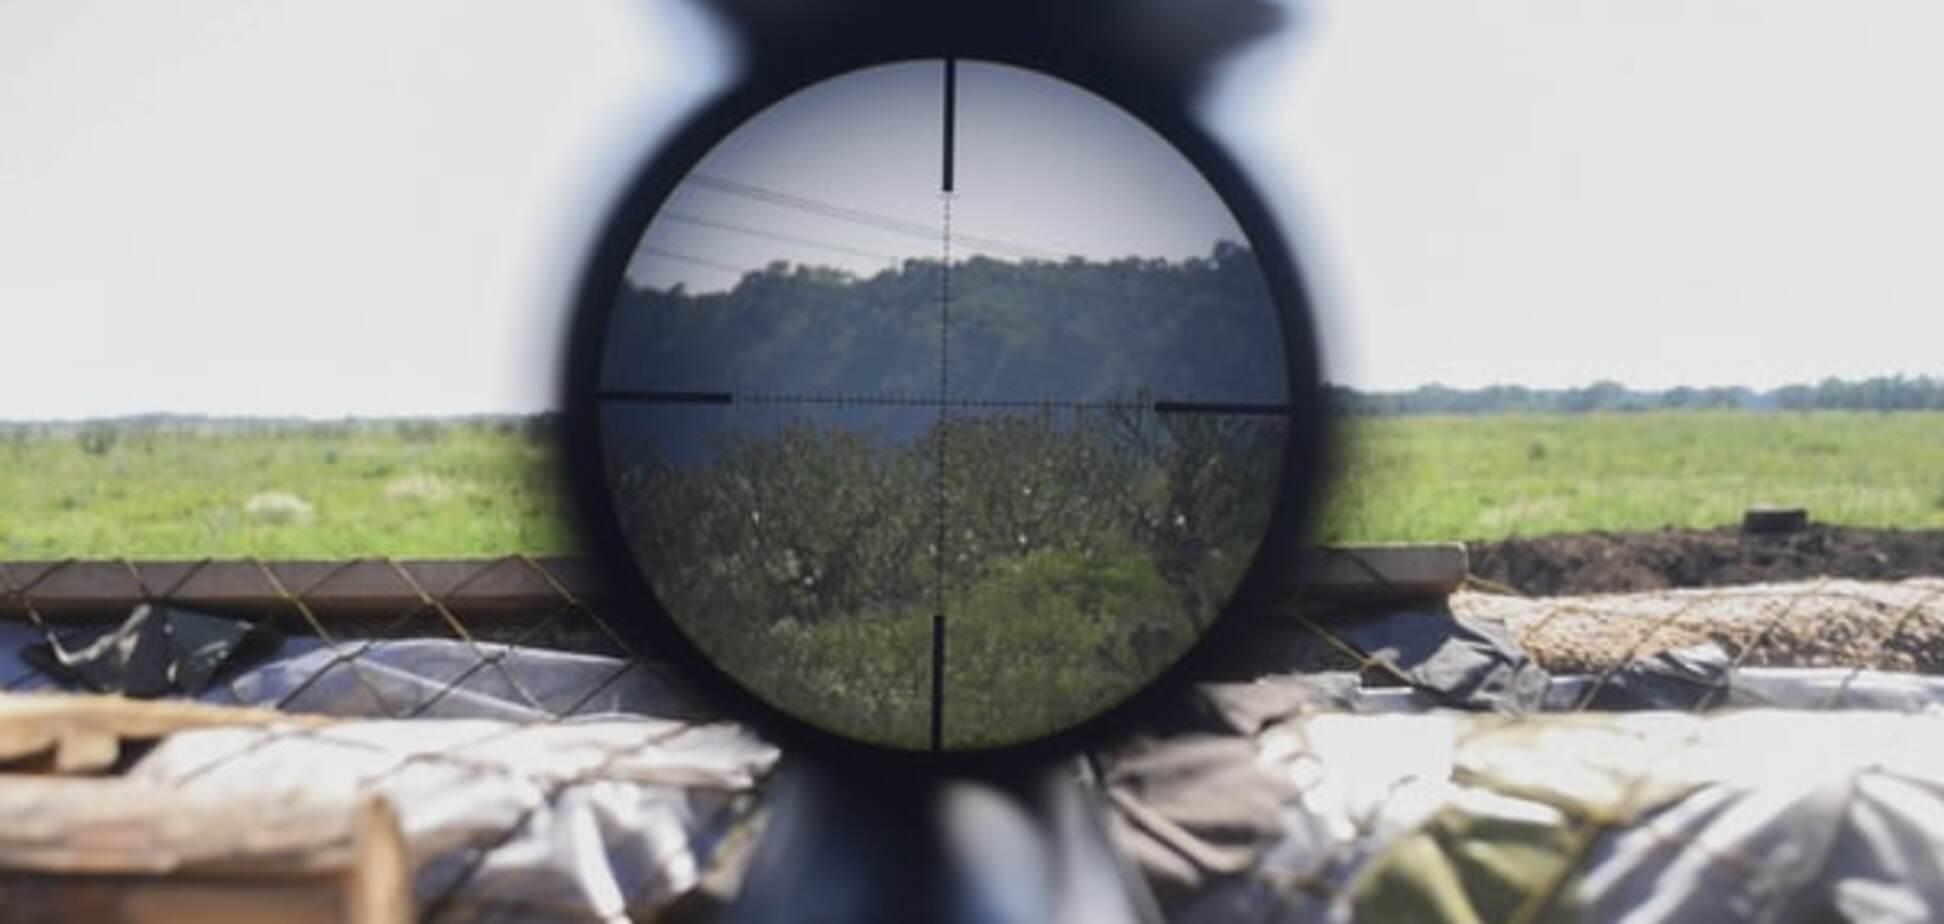 Журналіст пояснив, чому Росія жорстоко утилізує терористів і найманців на Донбасі